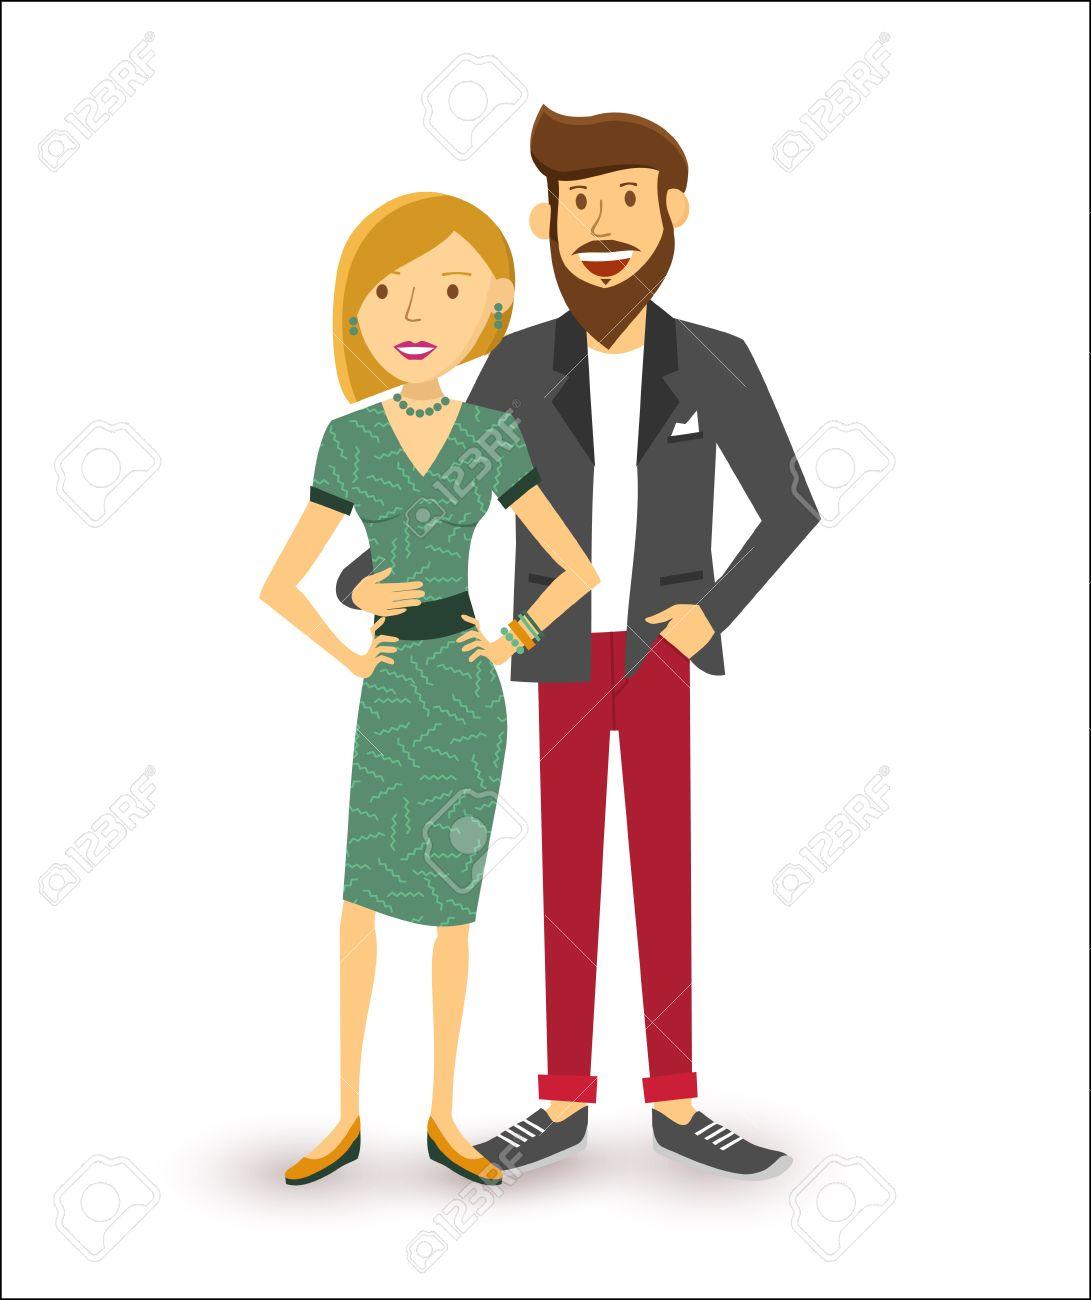 Elegant happy couple smiling, people group flat art illustration. - 46634010